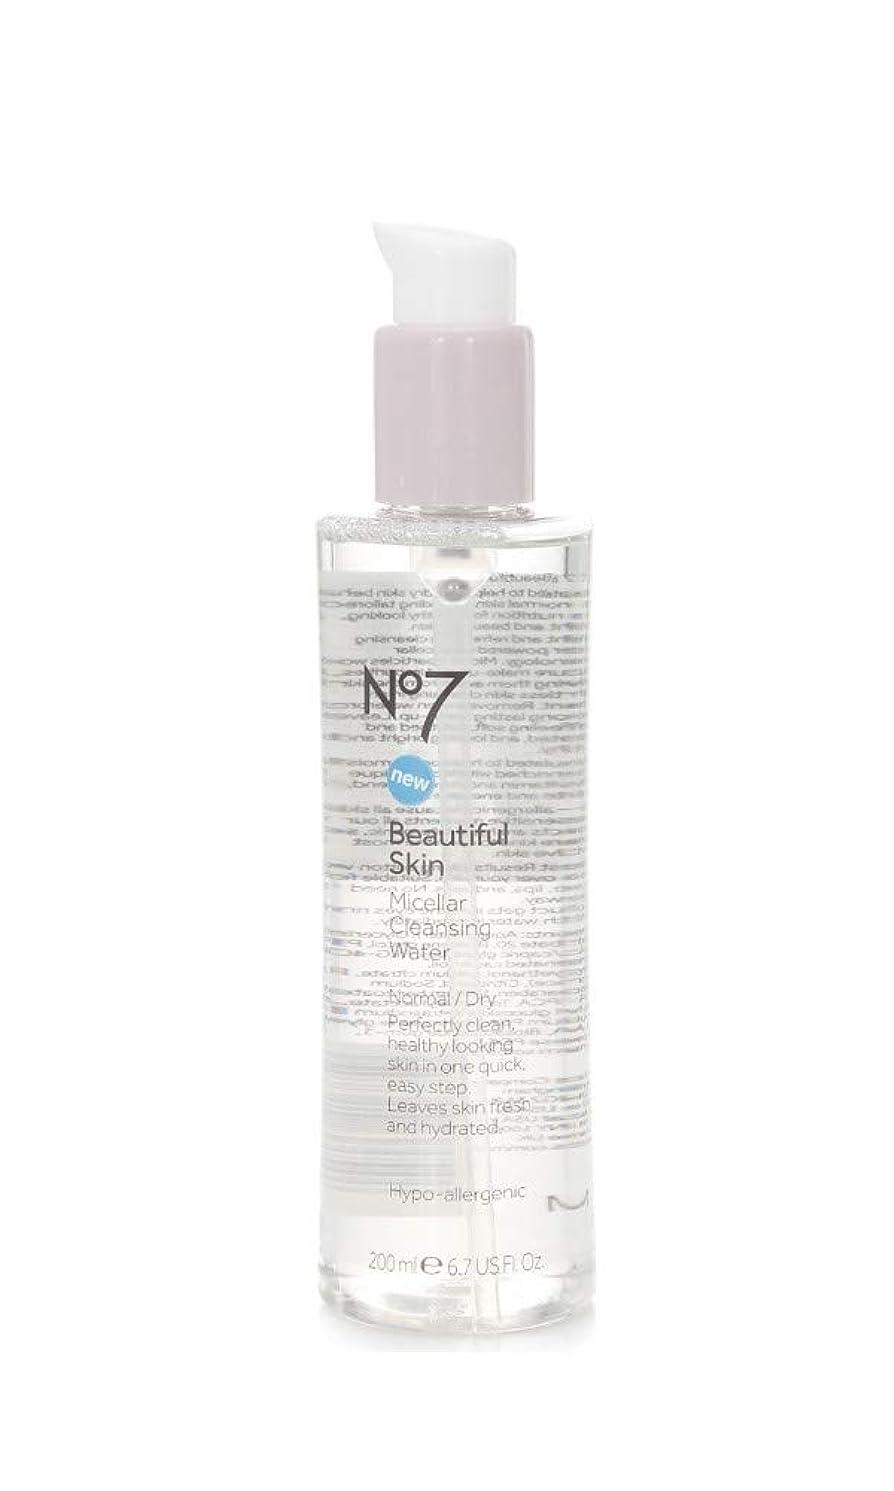 郵便ピース逃げるNo.7☆Beautiful Skin Misellar Cleanser Normal (Dry) 200ml☆No.7 ウォータータイプメイク落とし(乾燥肌)200ml [並行輸入品]